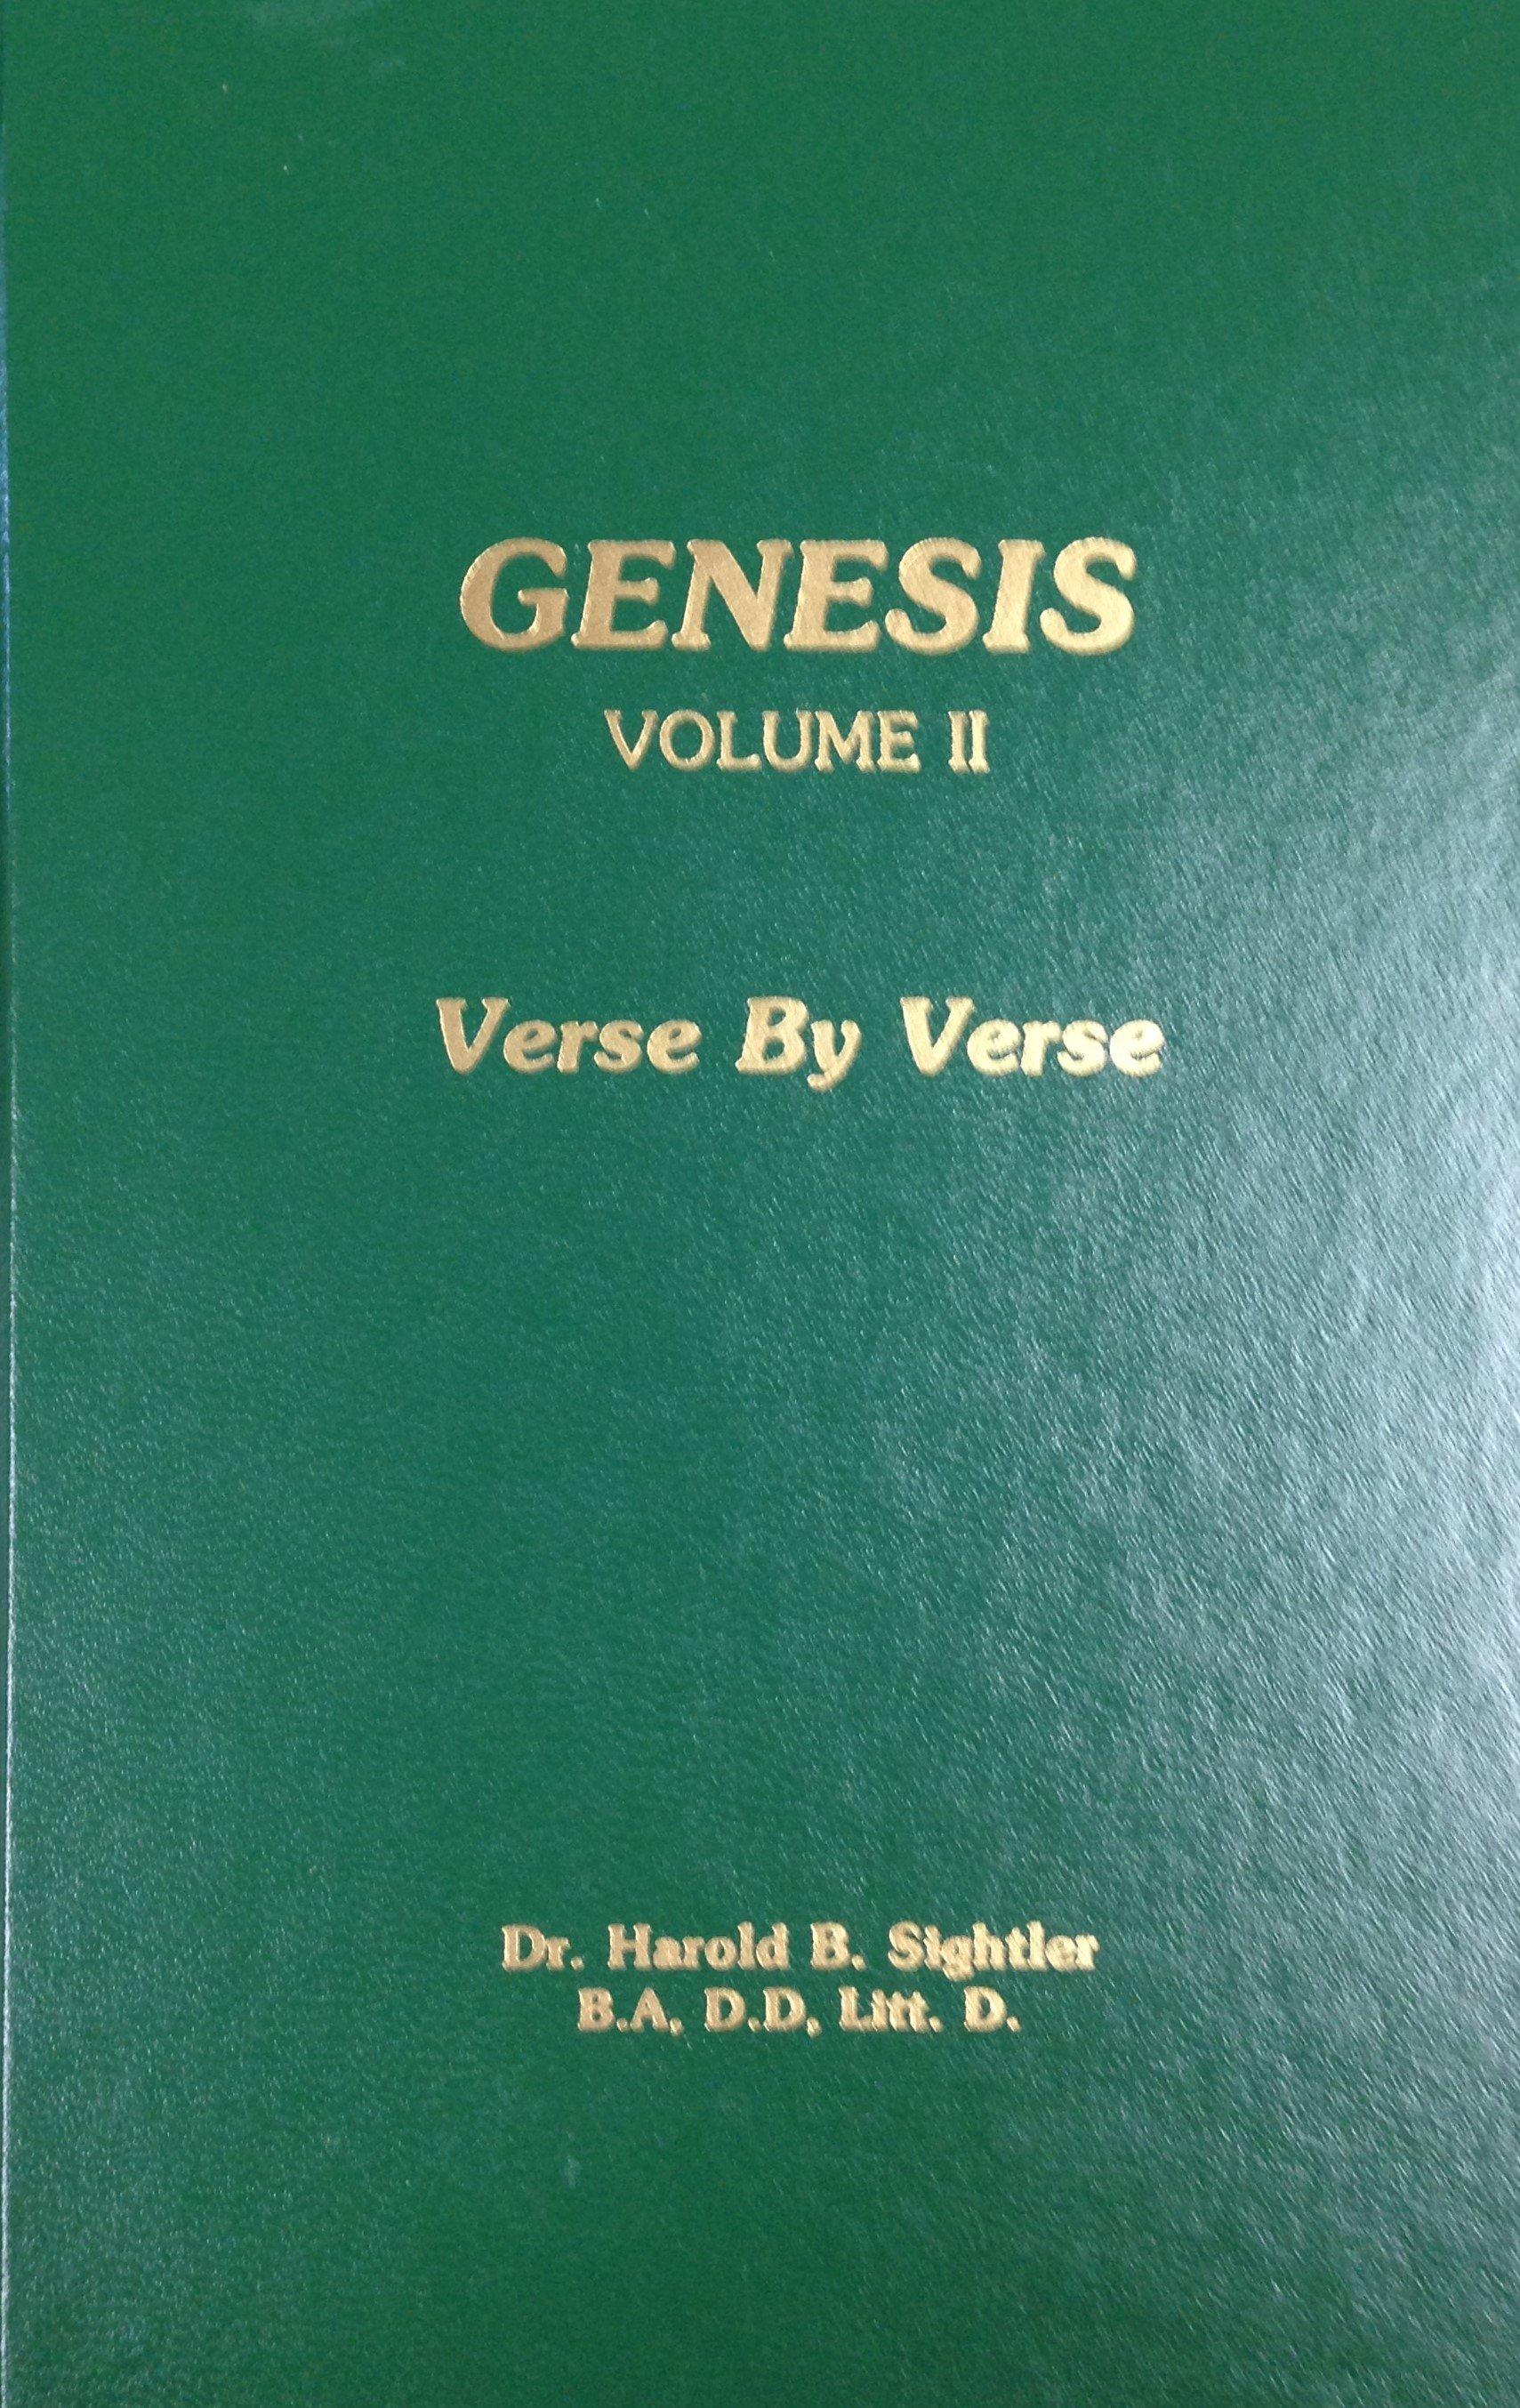 Genesis: Volume II by Dr. Harold B. Sightler 00050